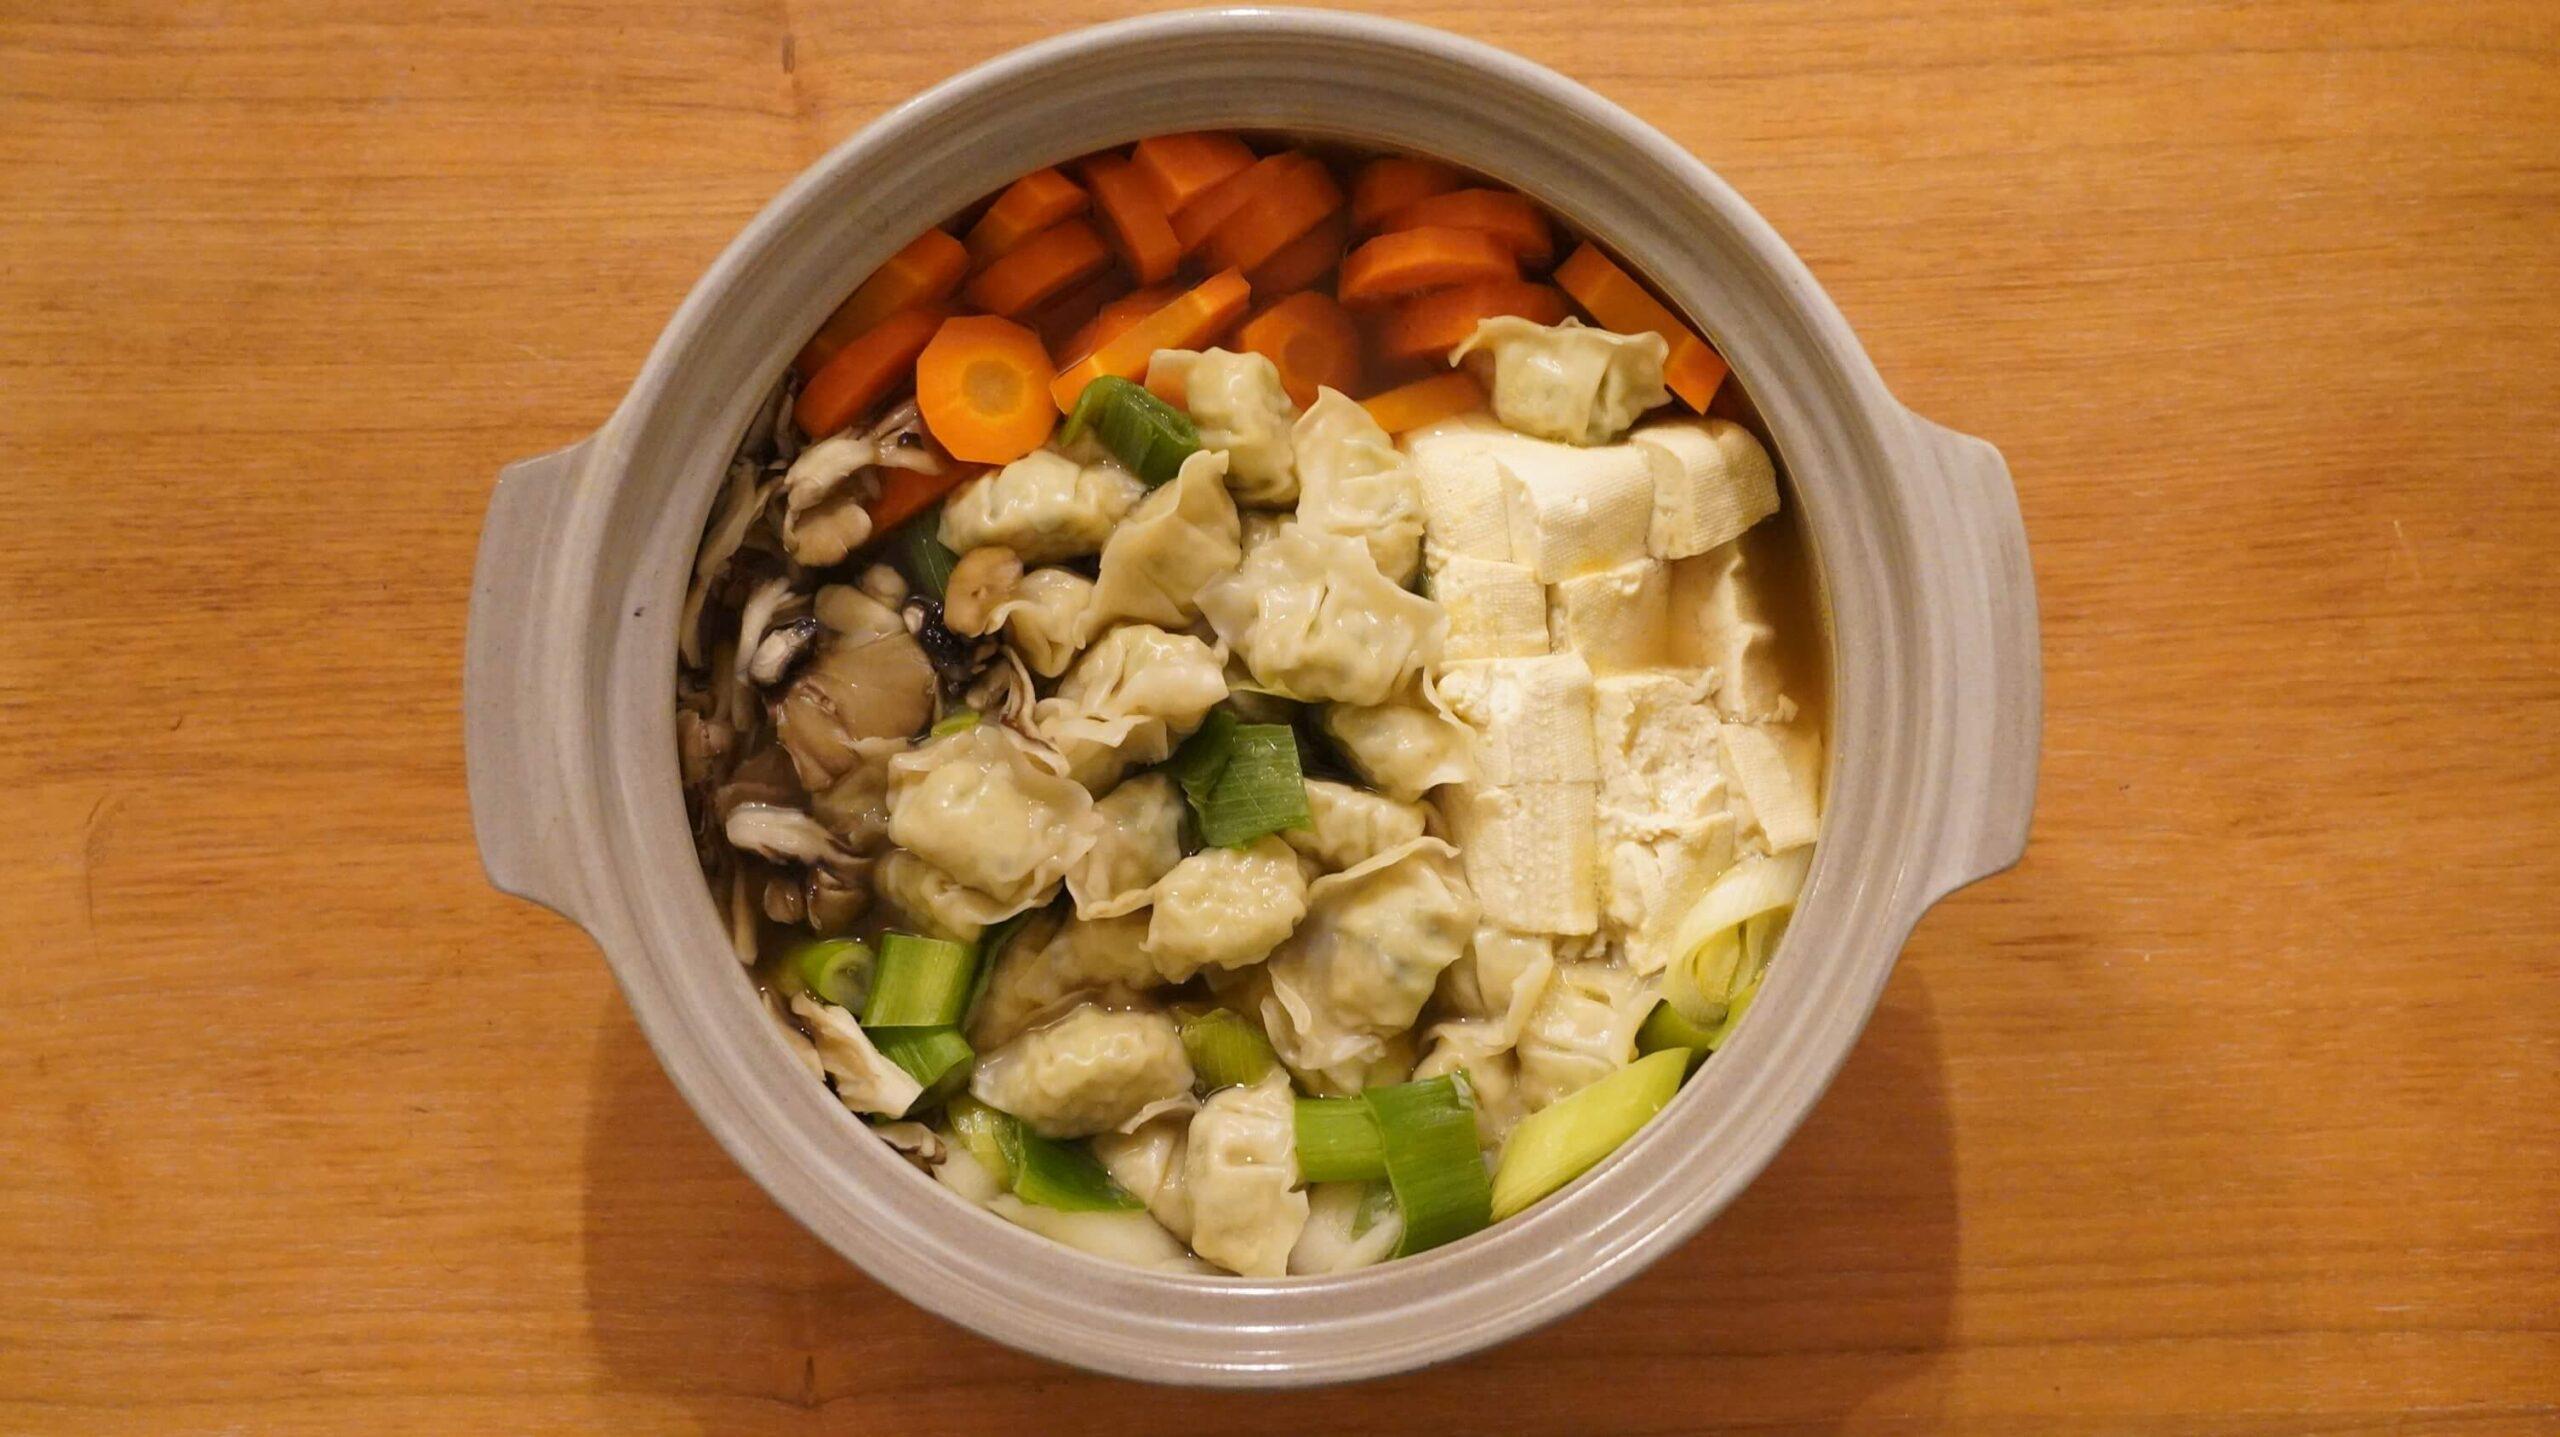 コストコの冷凍食品「bibigo 水餃子」を鍋に入れた写真